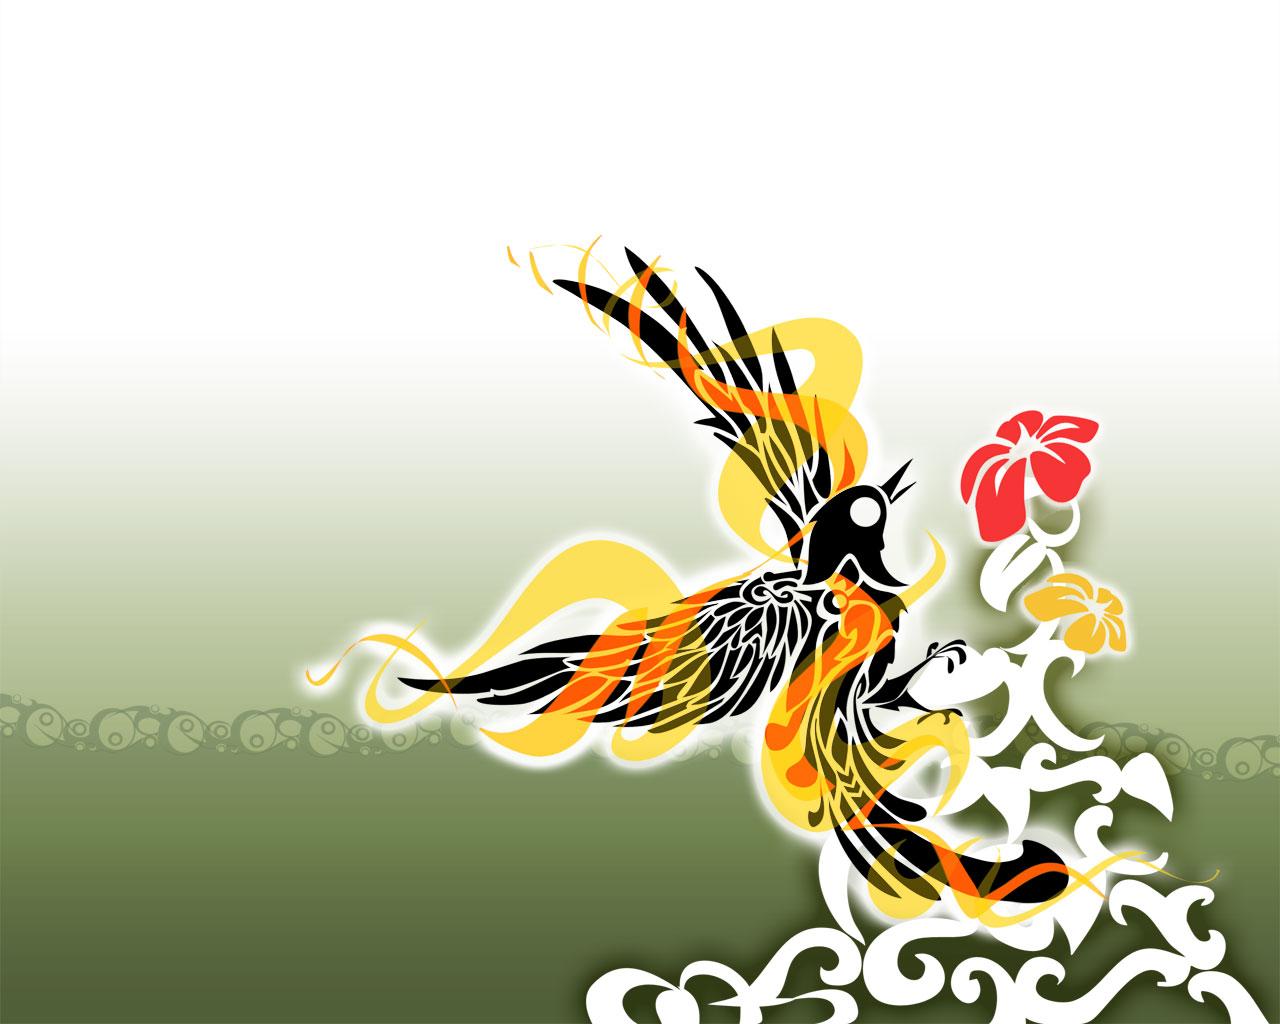 http://2.bp.blogspot.com/-yC9ul_dTd5A/TpsRKTZ9_kI/AAAAAAAAAOY/bHrsgS5AmLw/s1600/Vector+Design+Wallpaper6.jpg